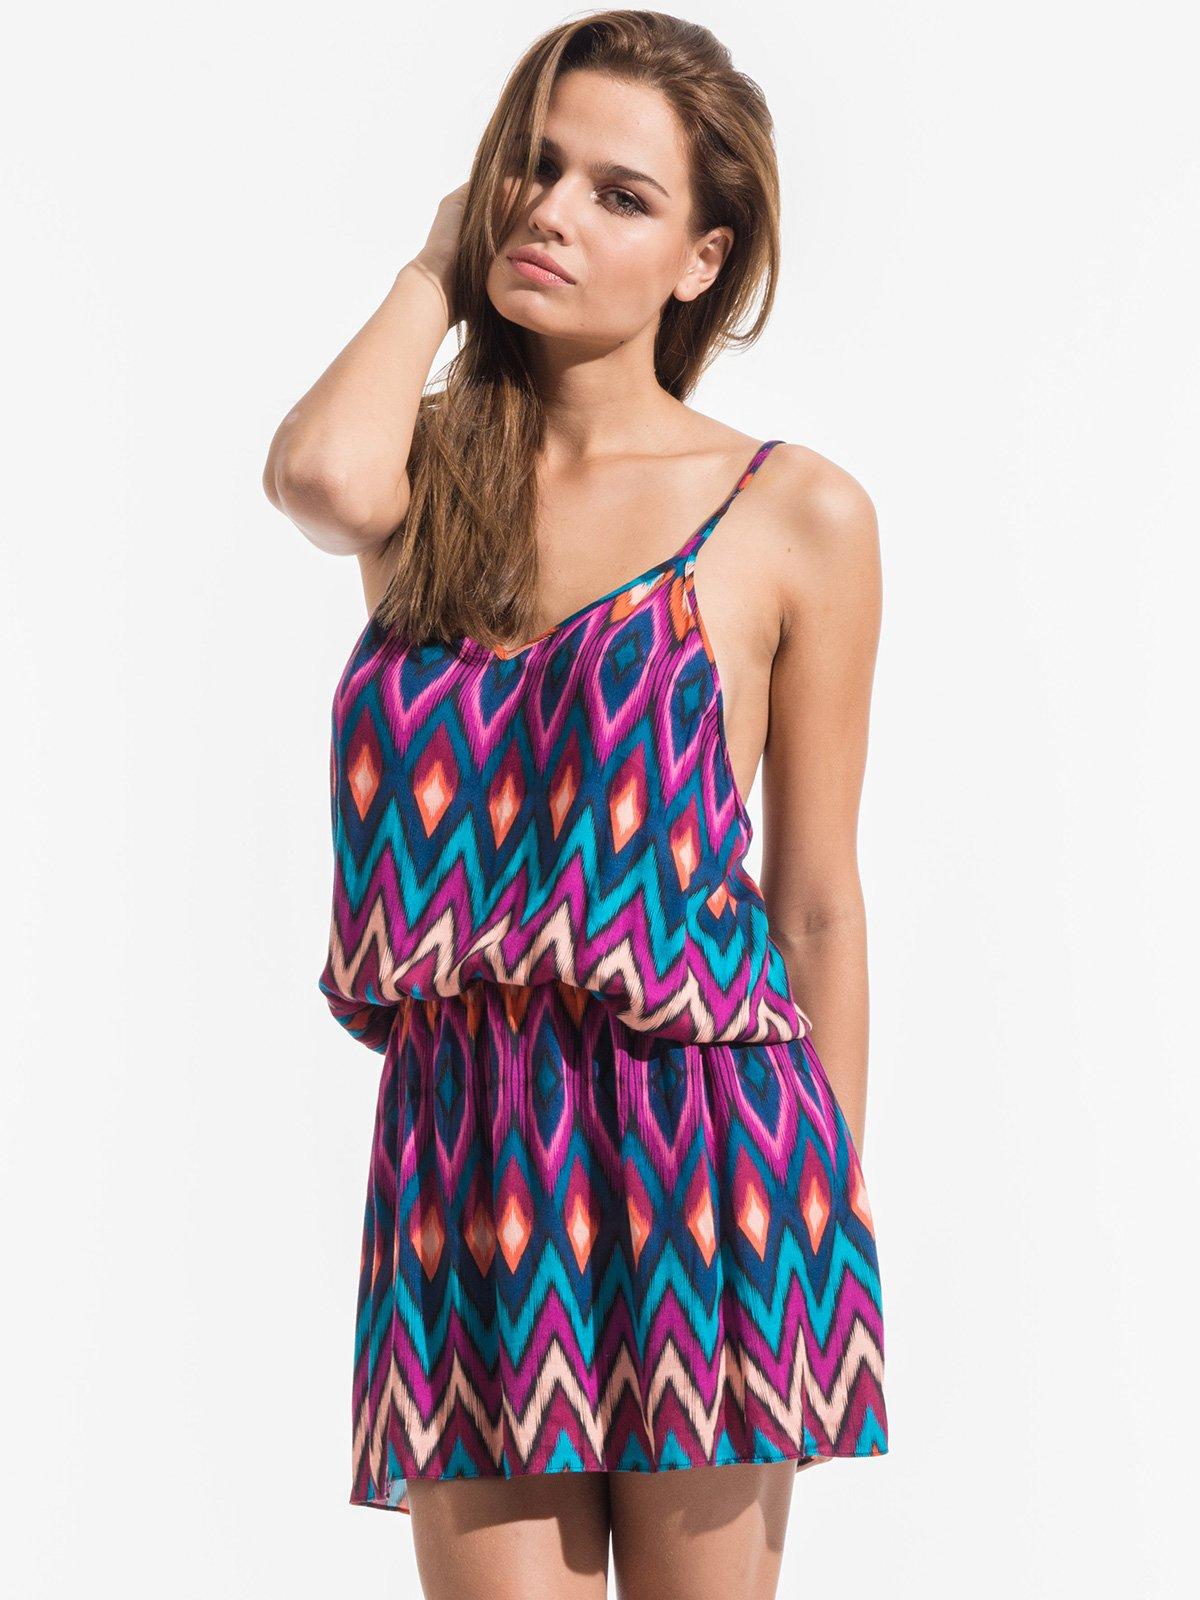 86318c863efd Krátke Ružovo-modré Plážové šaty S Etnickým Vzorom - Phi Verano - Triya